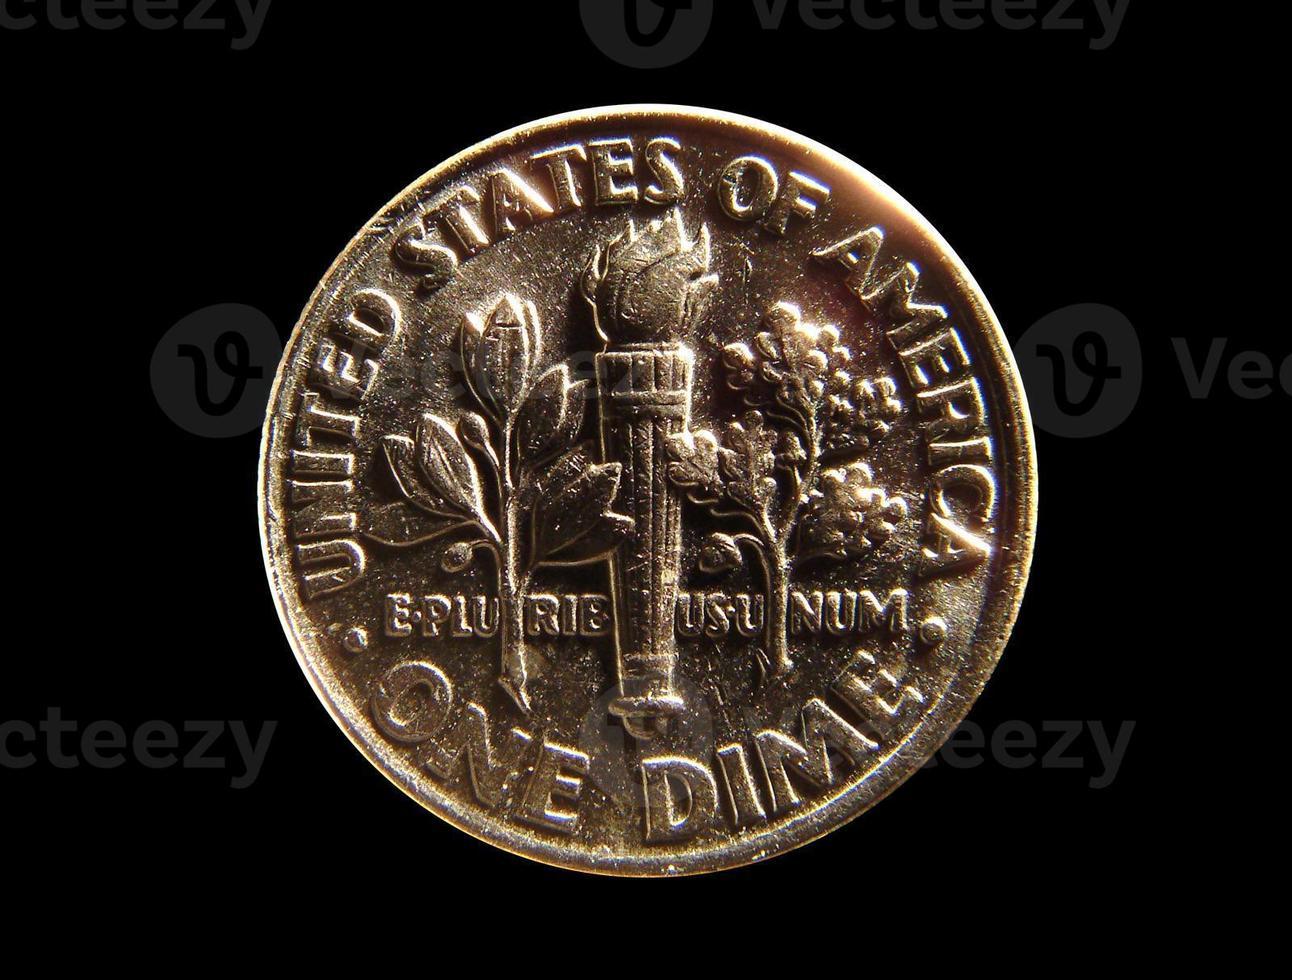 nosotros moneda - una moneda de diez centavos foto